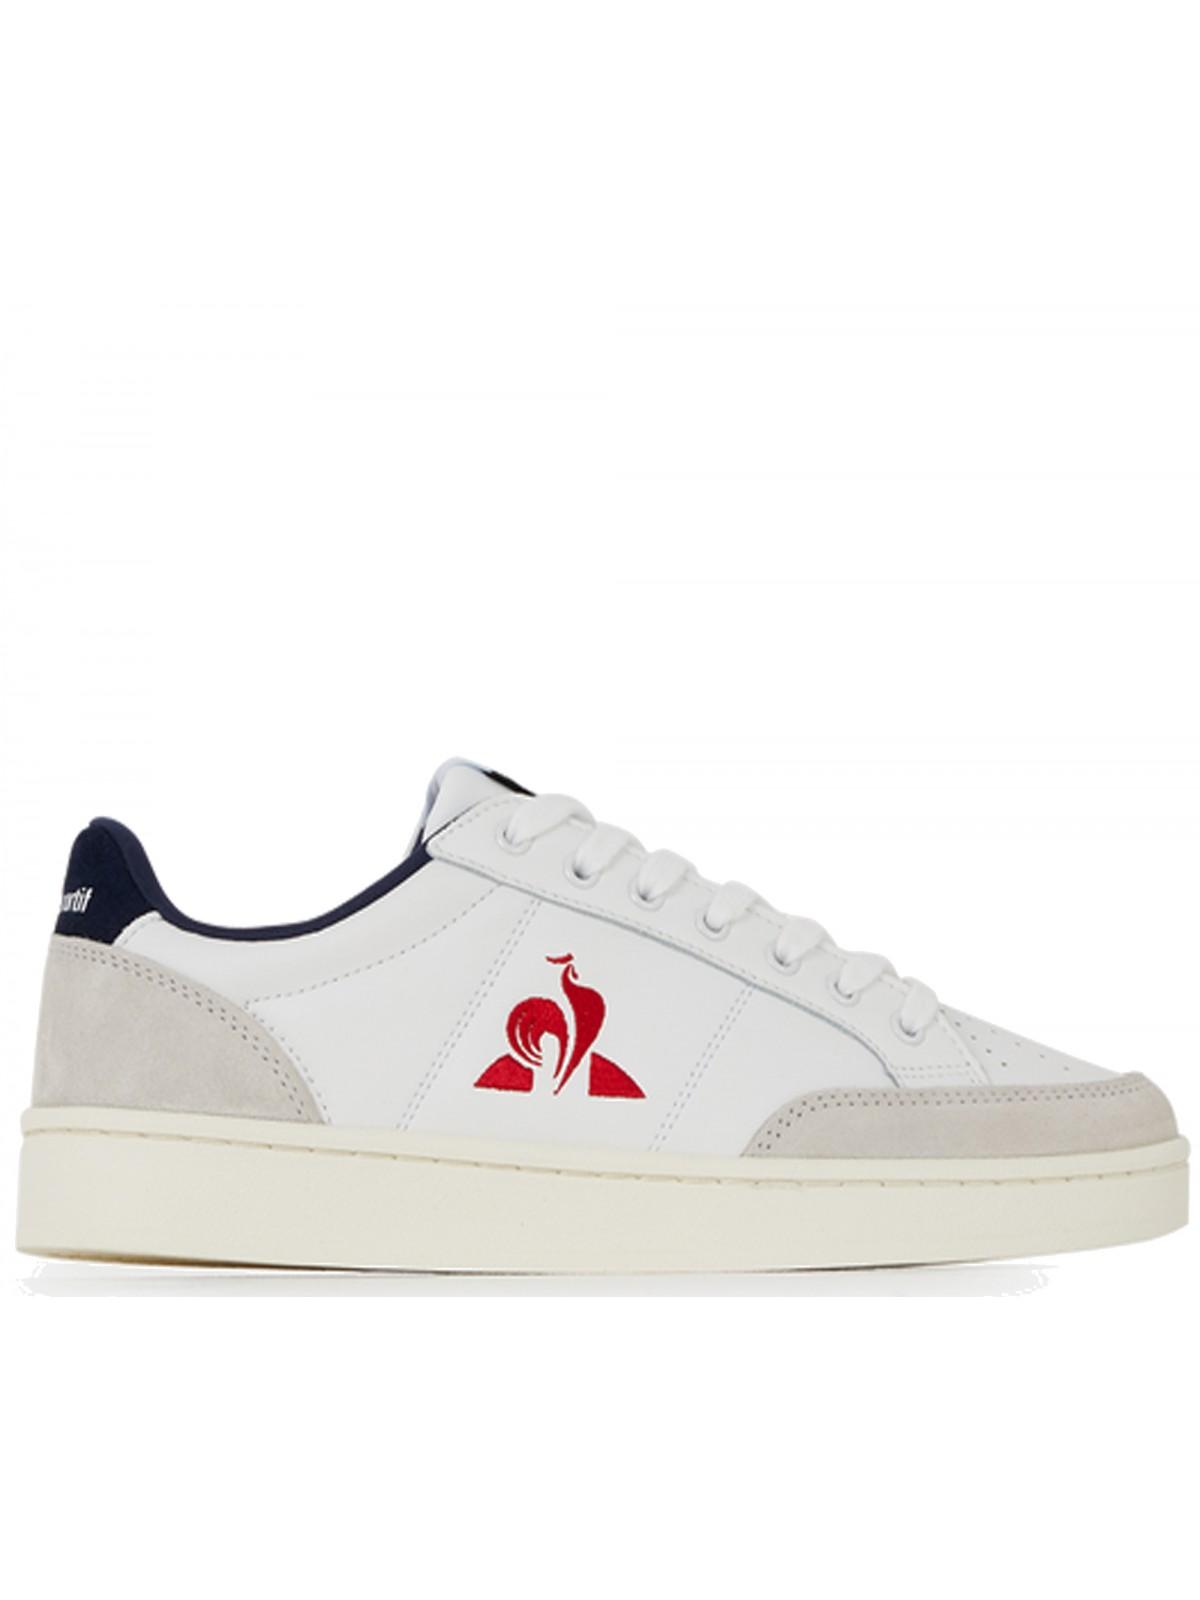 Le Coq Sportif Courtnet cuir blanc / rouge